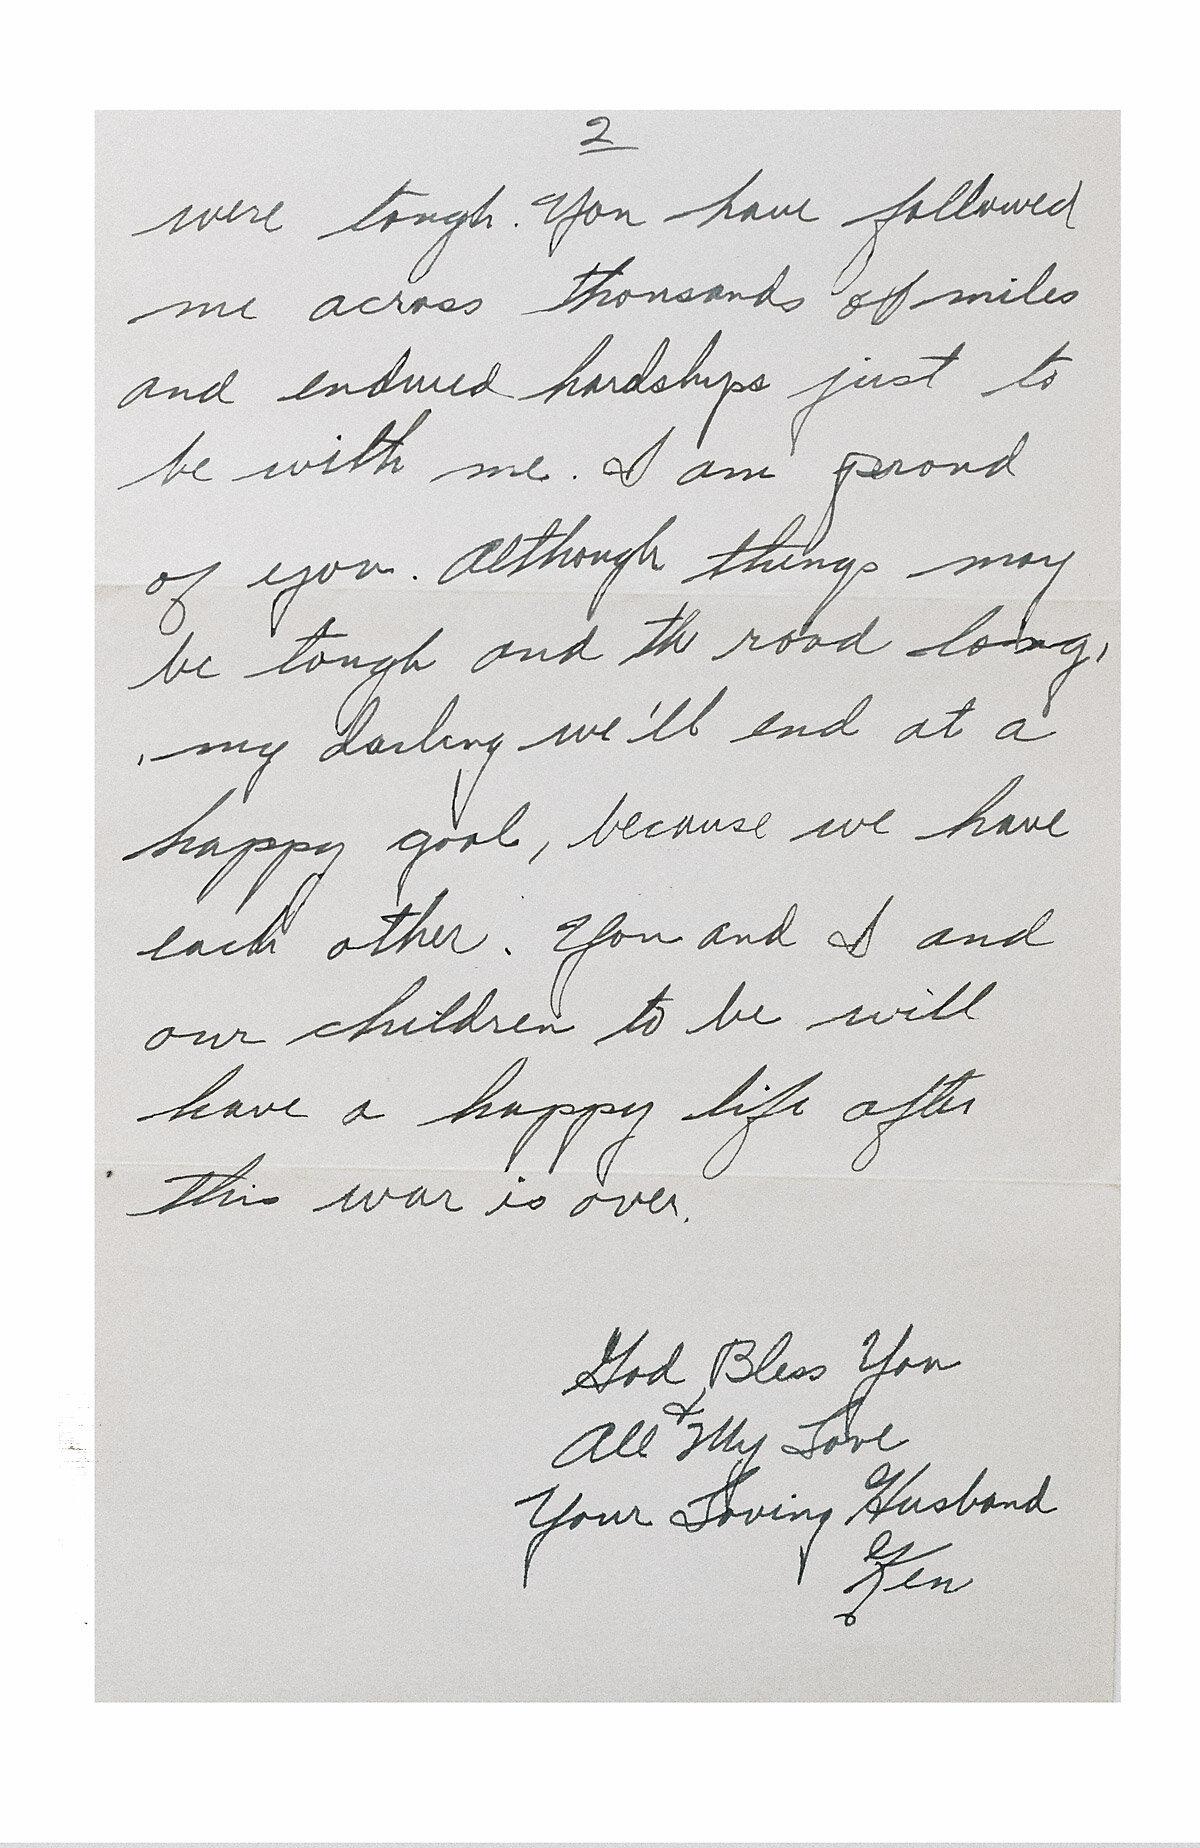 Letter_19440619_MDP_20180724_2175.jpg